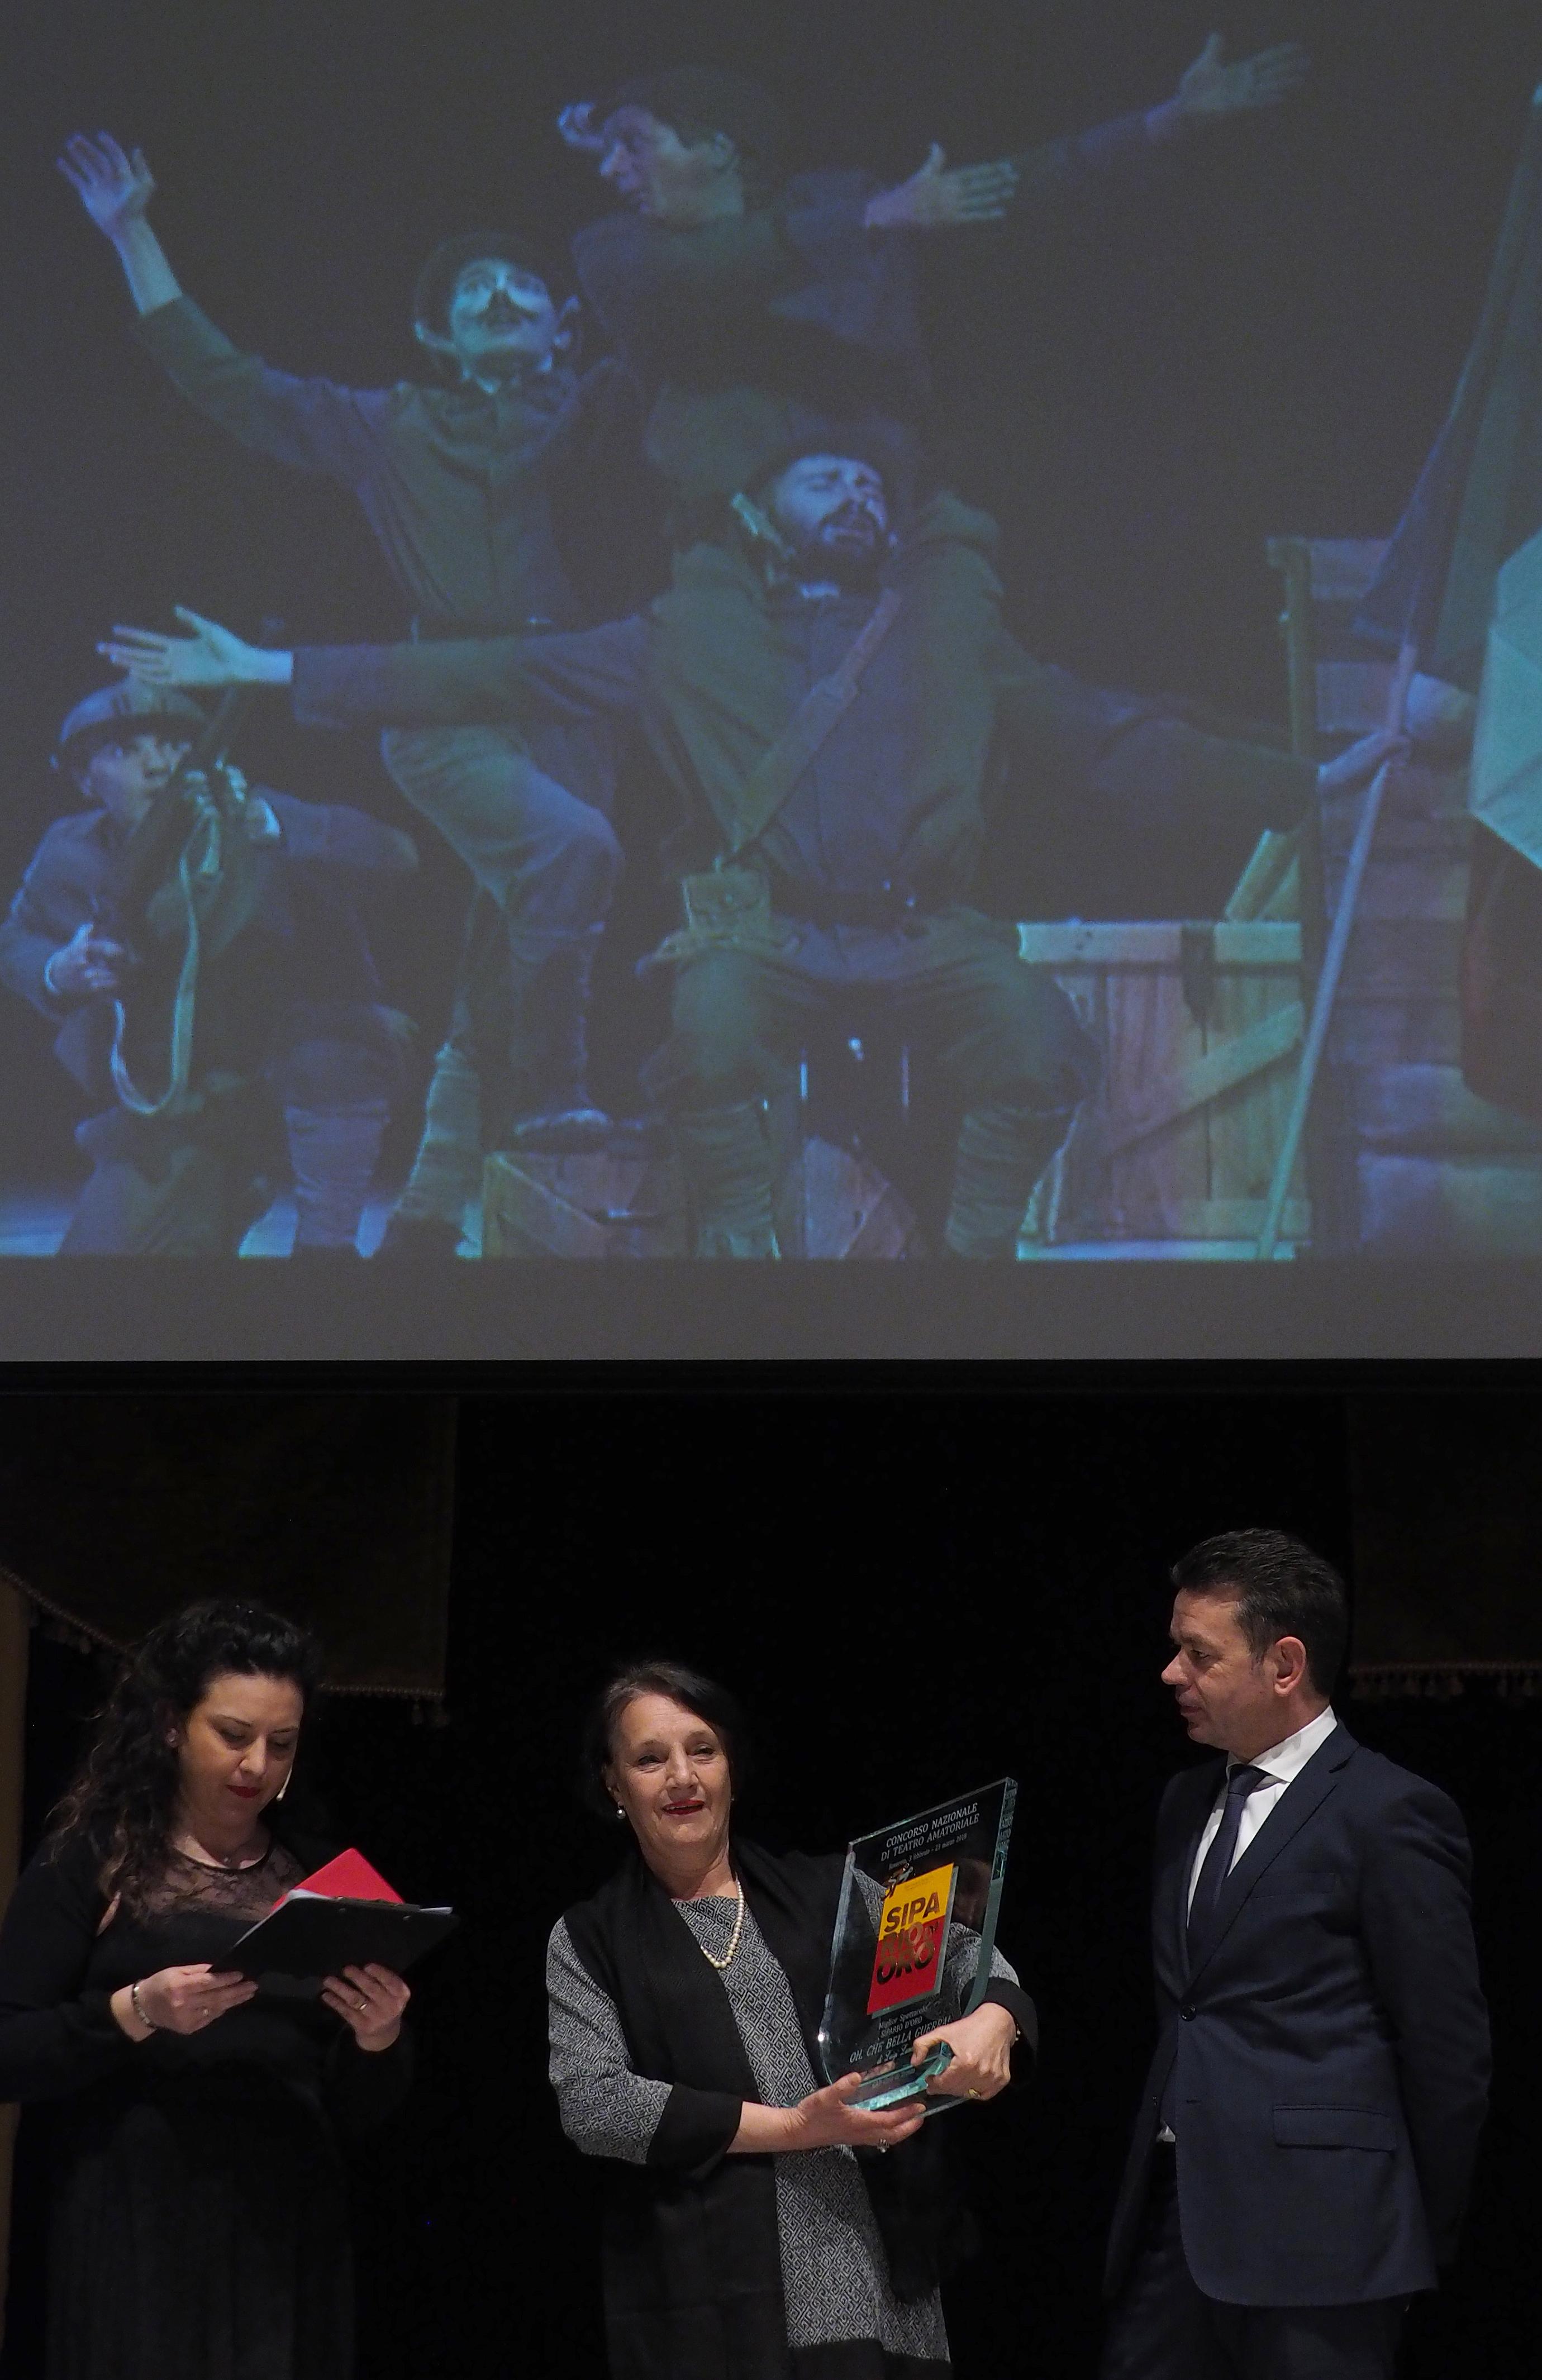 Miglior spettacolo - Nazionale - Oh che bella guerra! del GAD Città di Trento